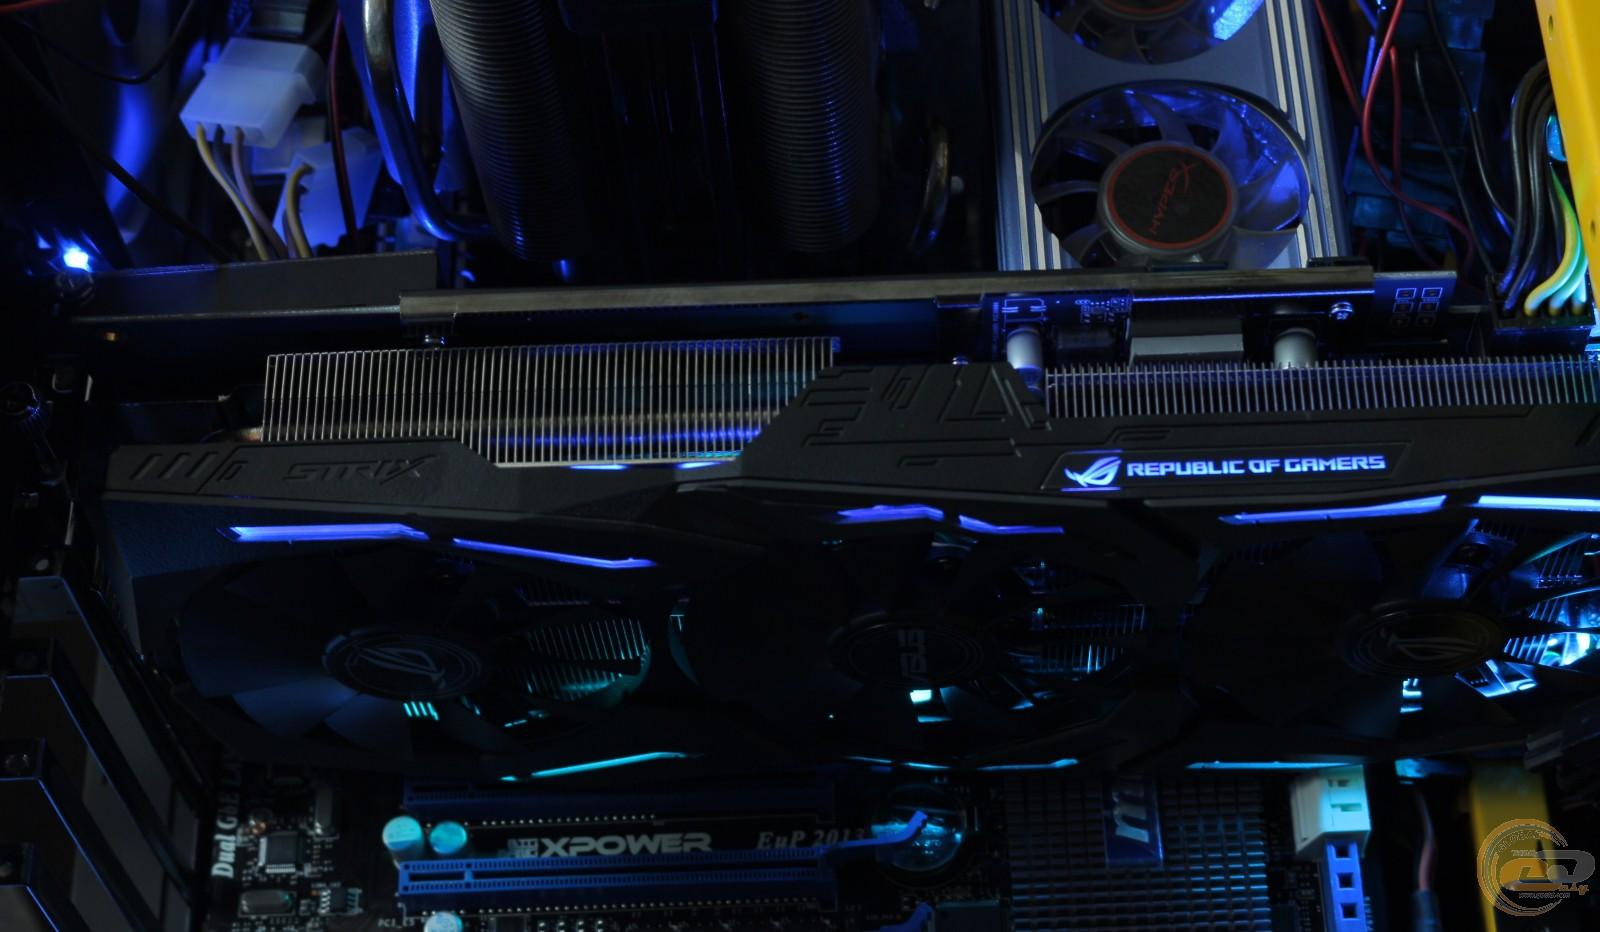 Обзор и тестирование видеокарты ROG STRIX Radeon RX 580 OC Edition